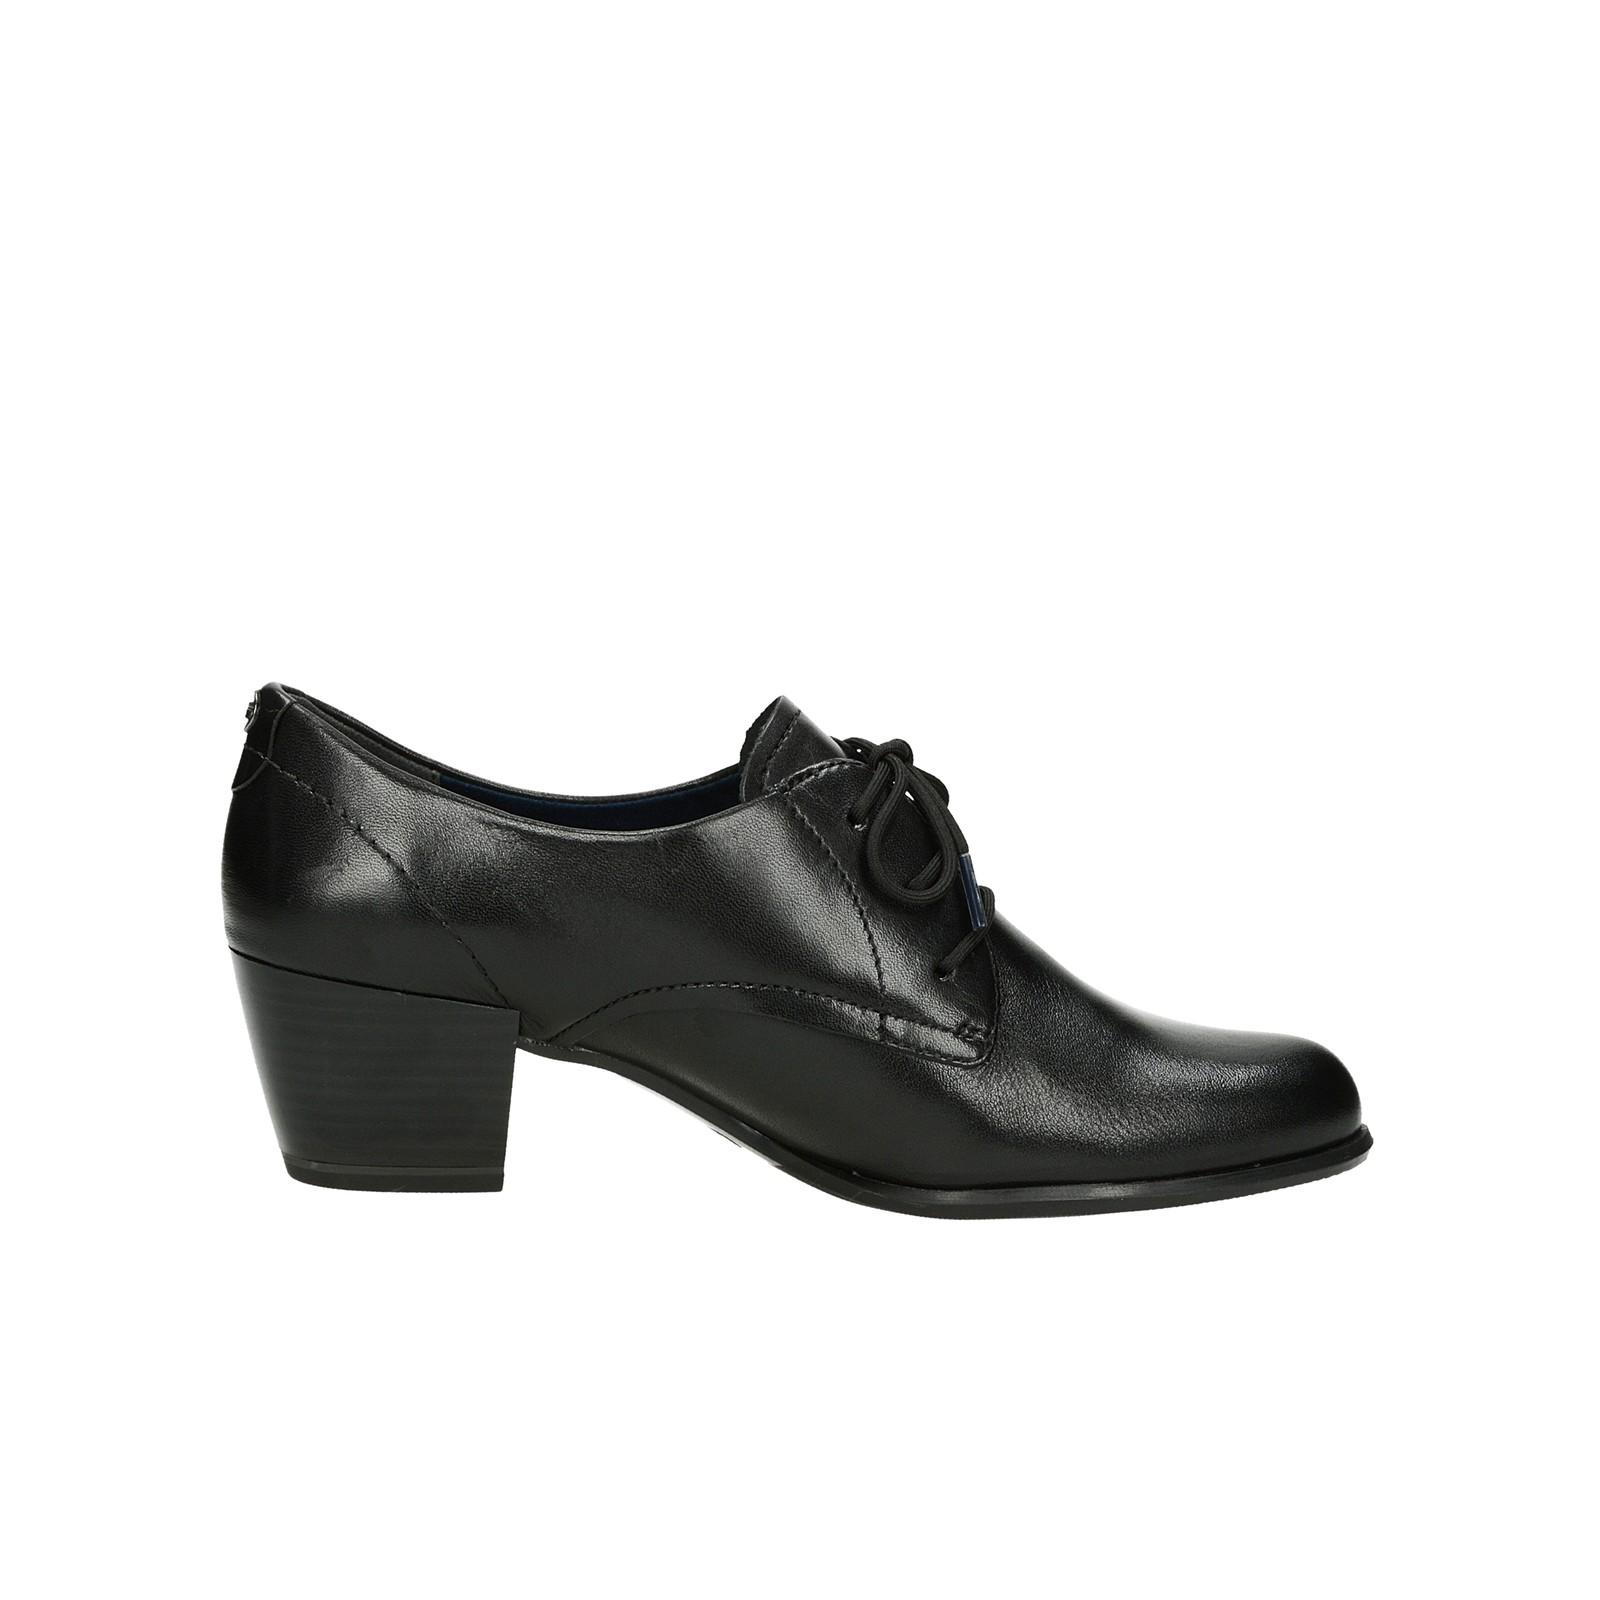 Tamaris dámské kožené polobotky na podpatku - černé ... b98f10e08d